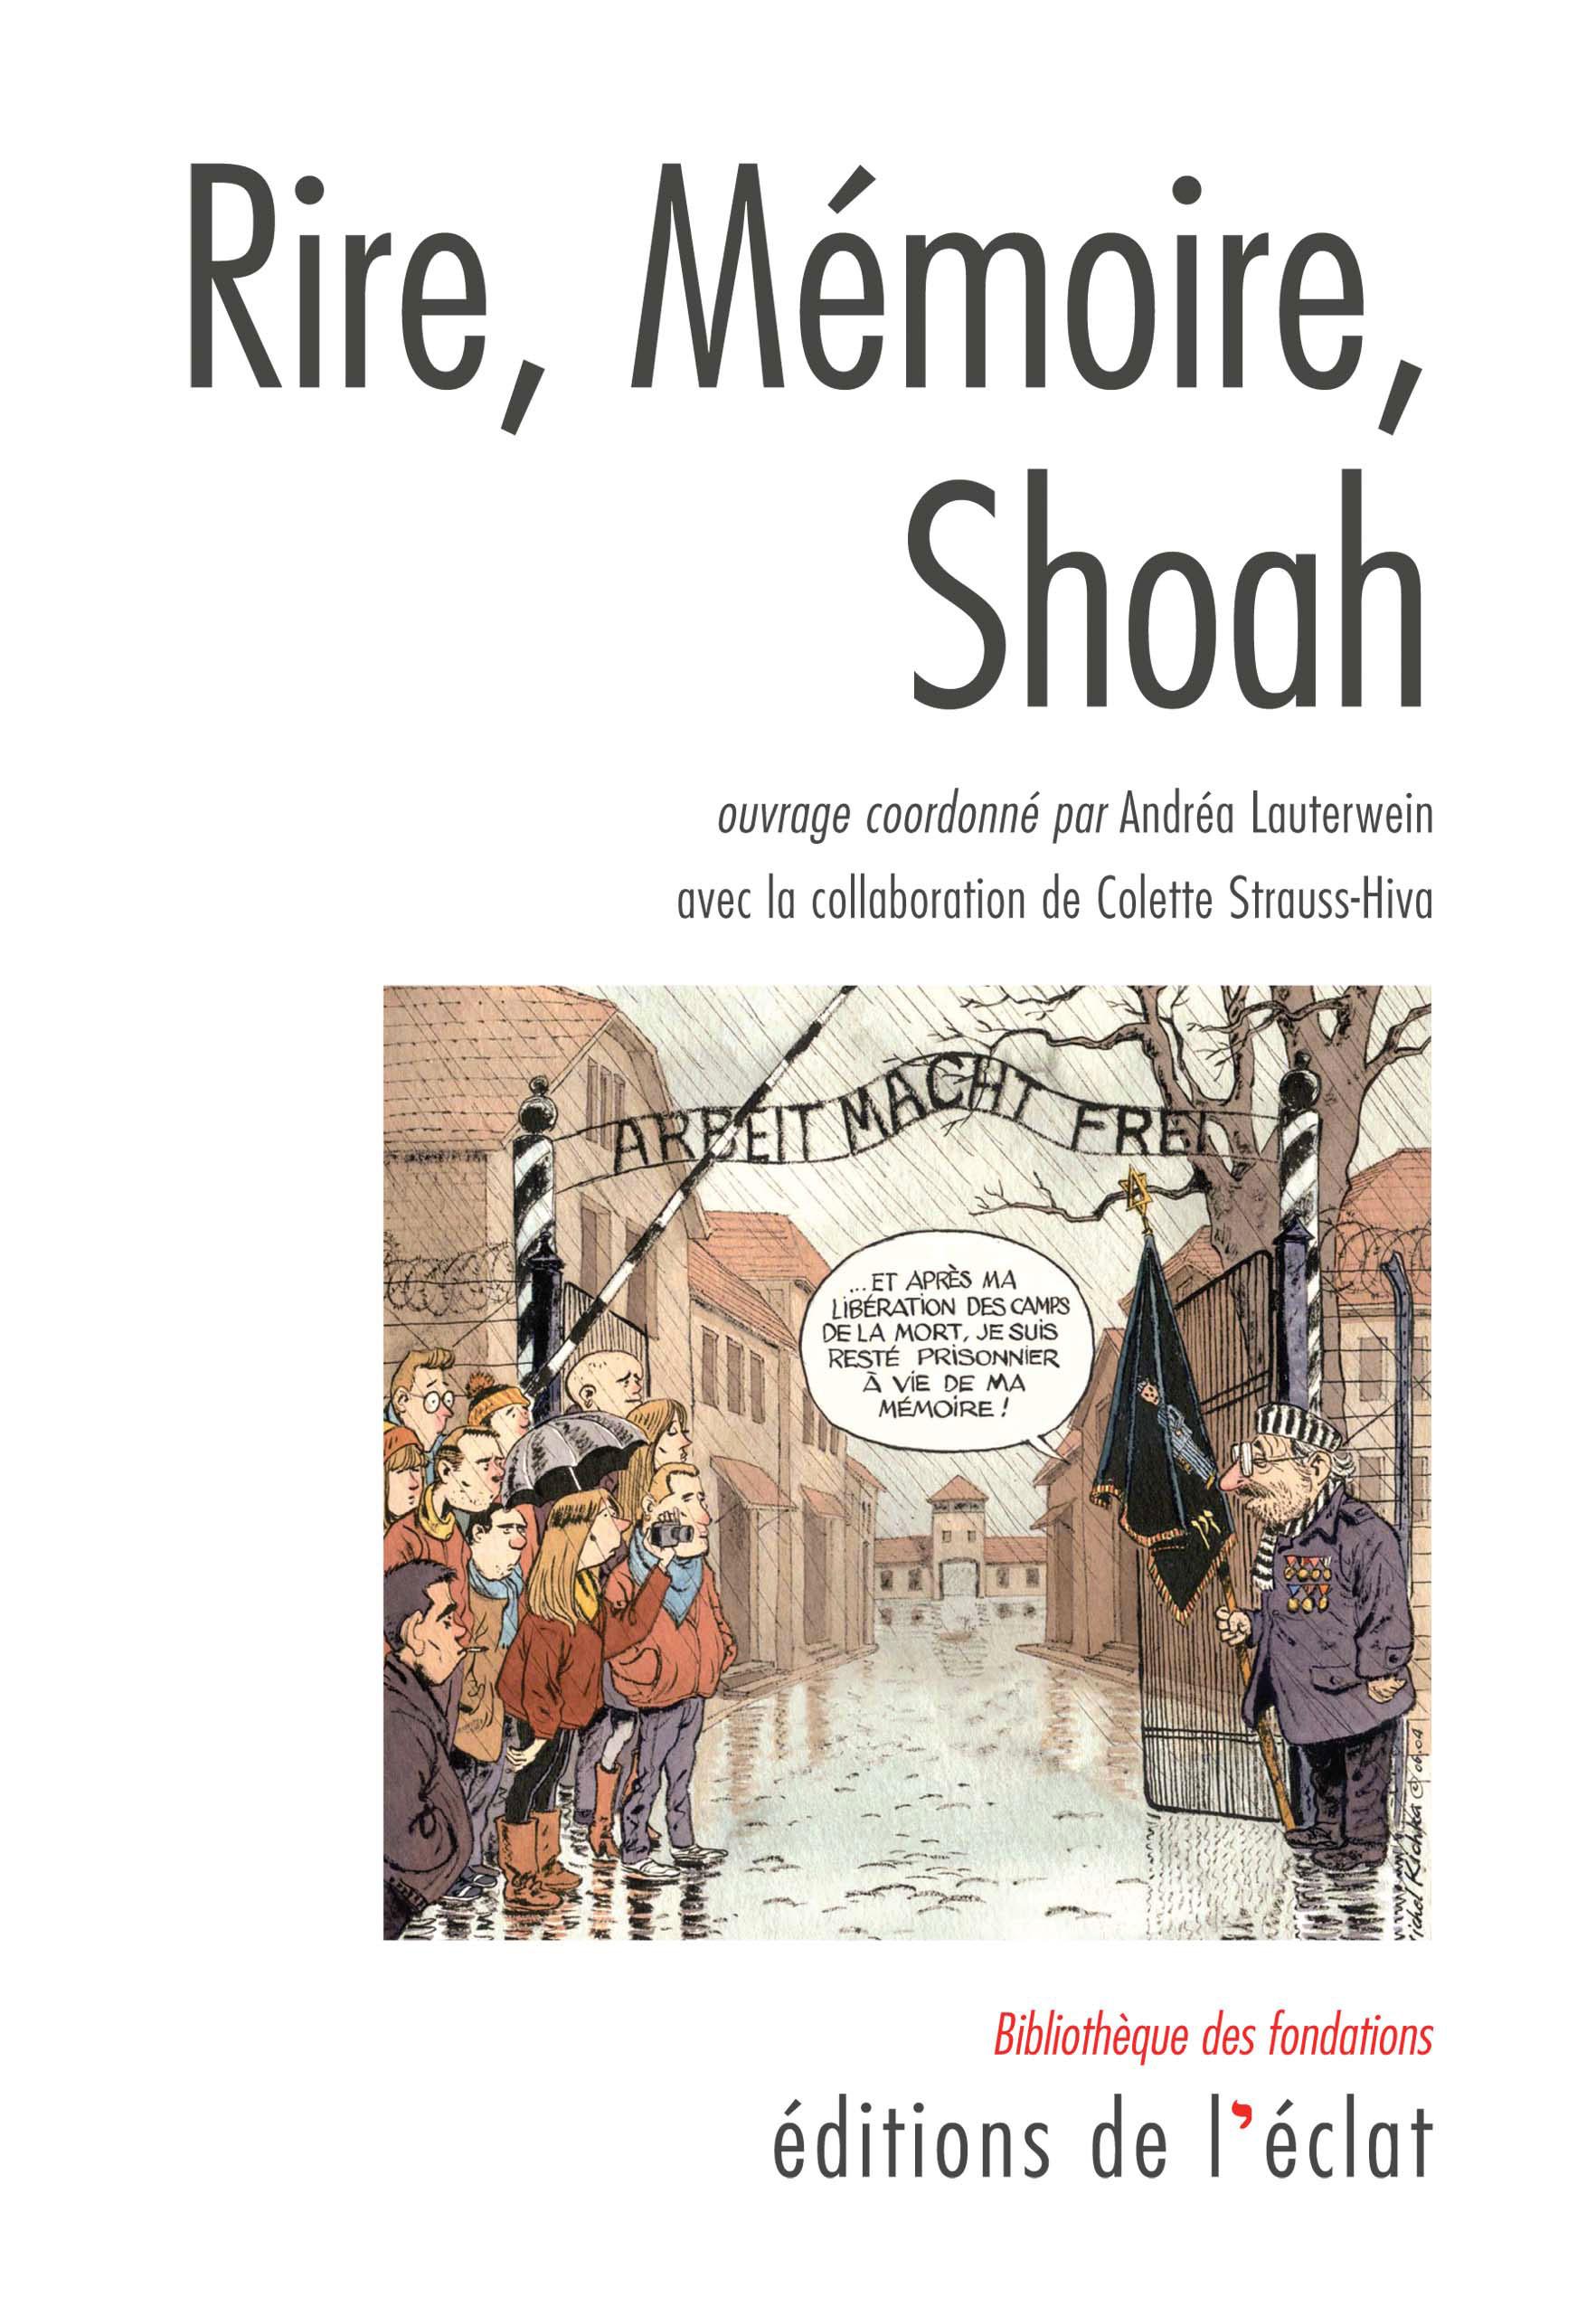 Rire, Mémoire, Shoah